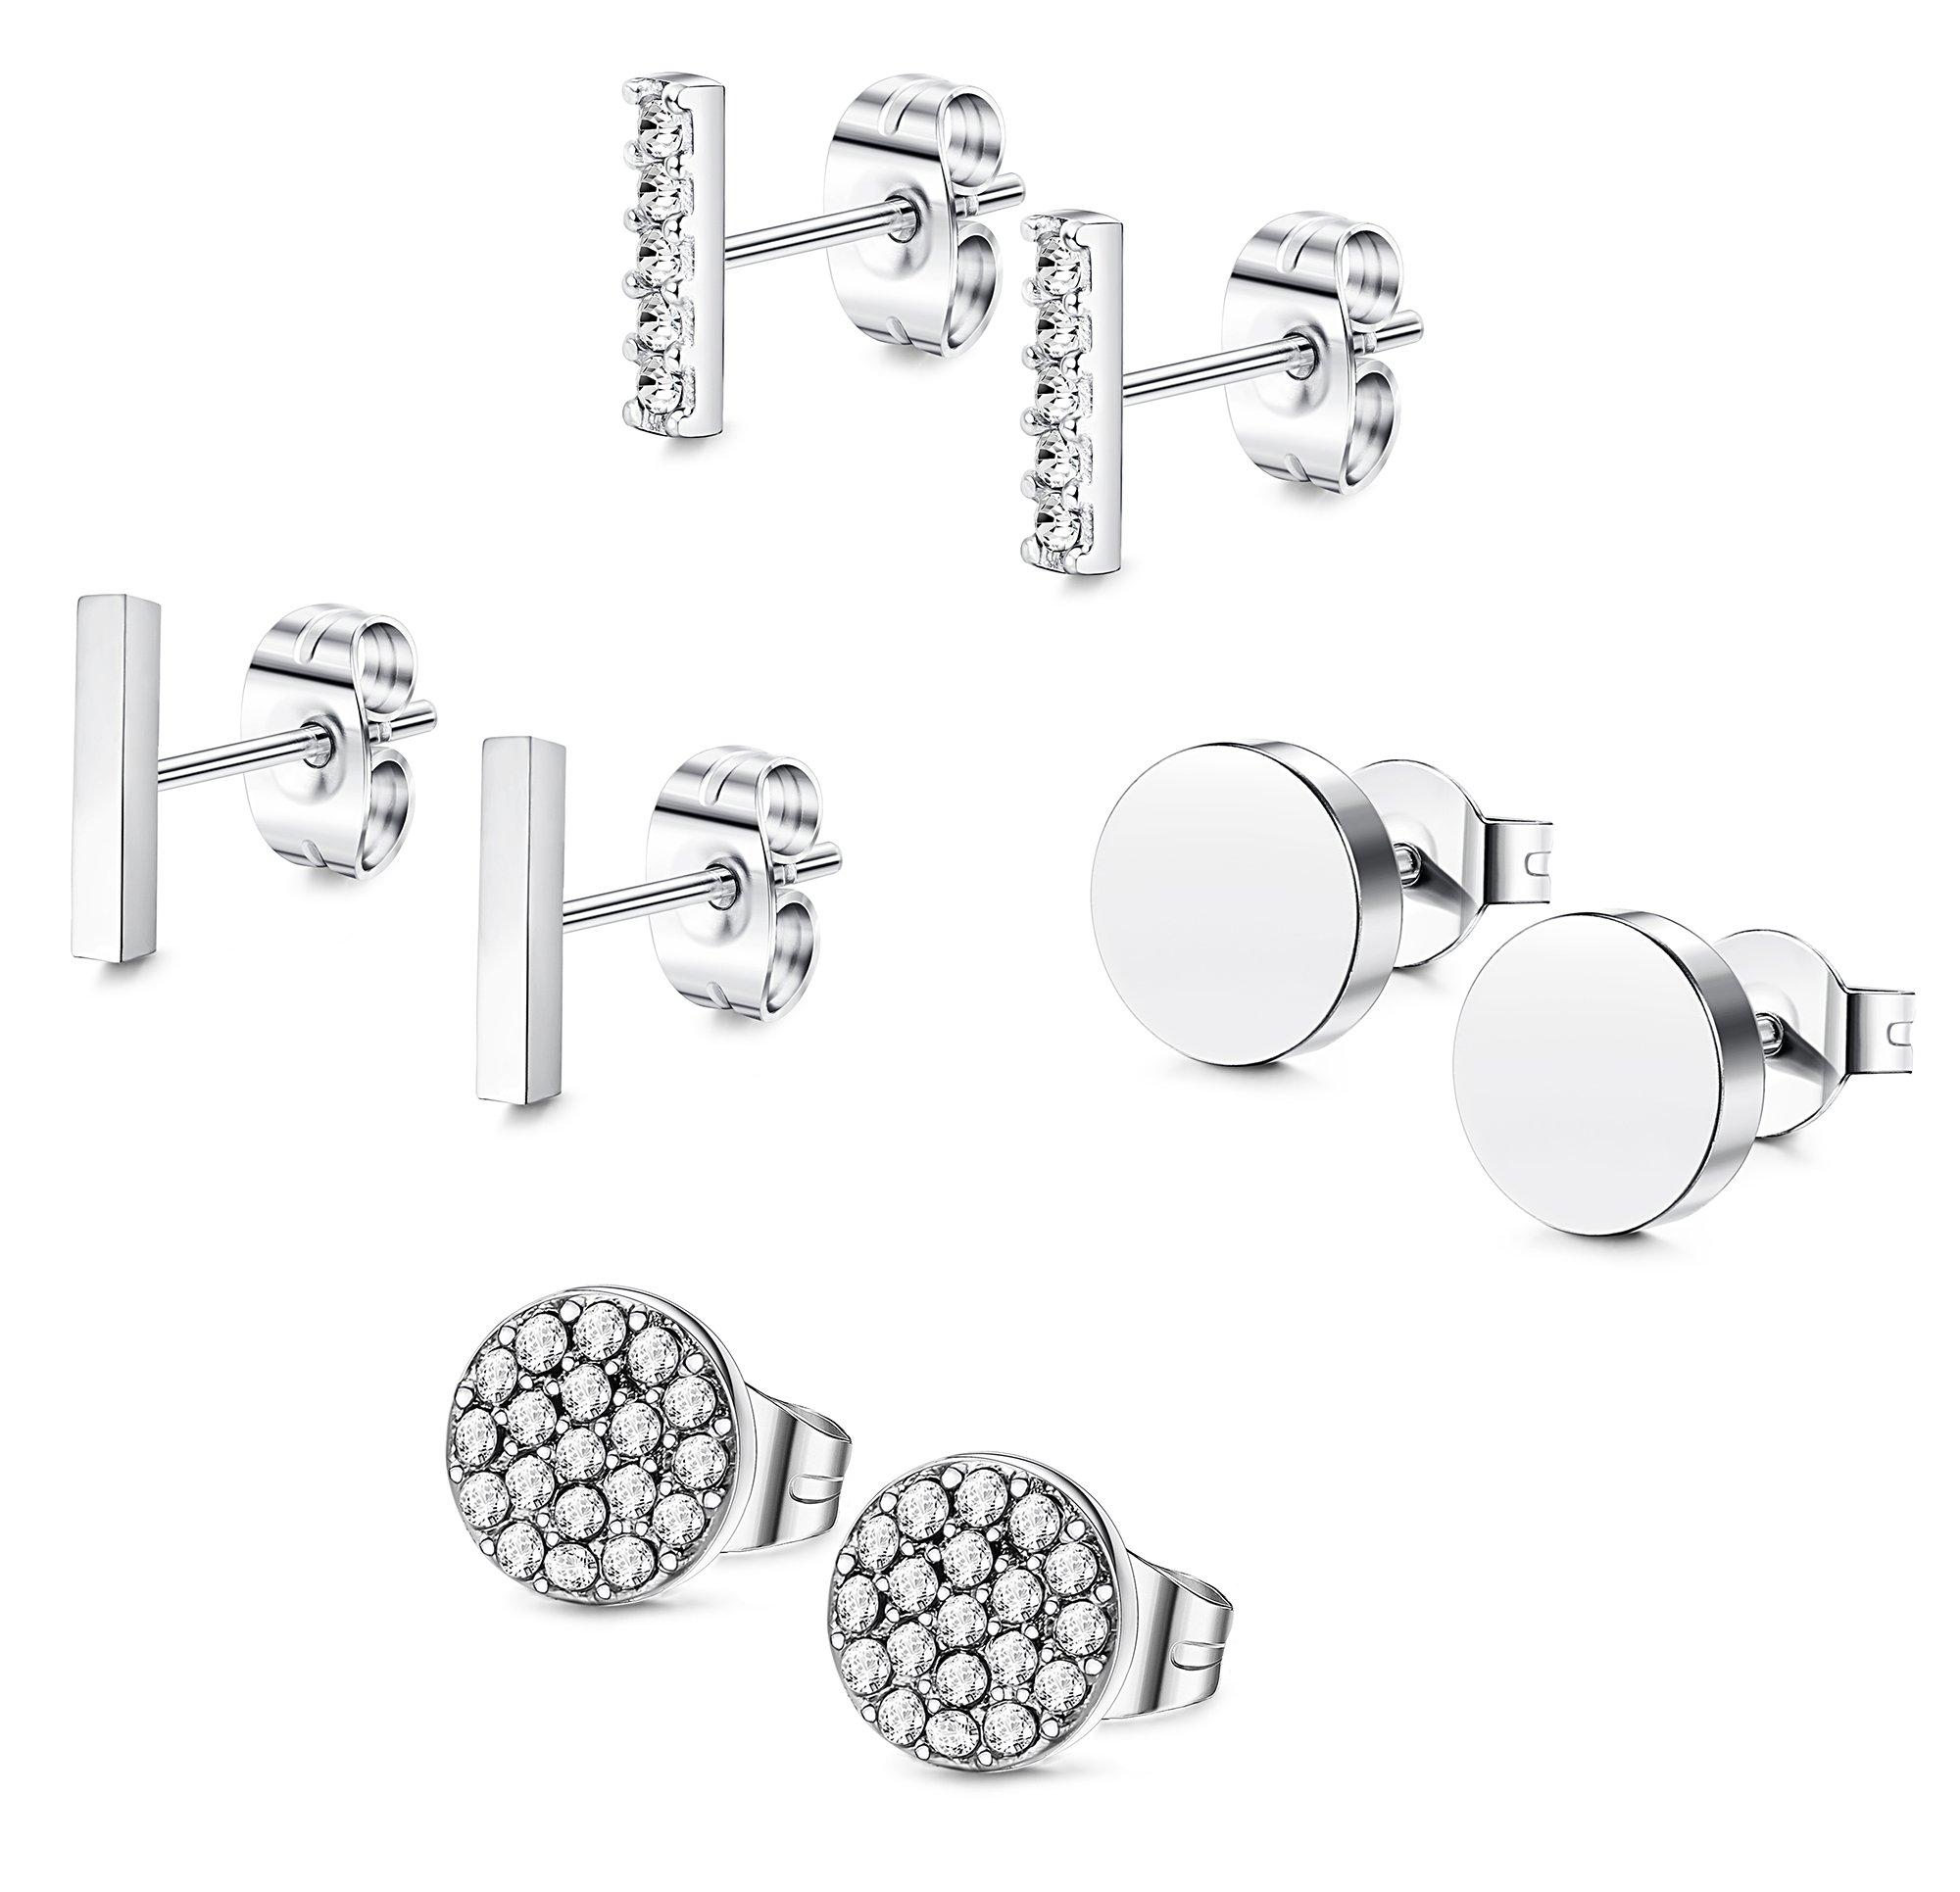 FIBO STEEL Stainless Steel CZ Bar Stud Earrings for Men Women Girls Silver-tone by FIBO STEEL